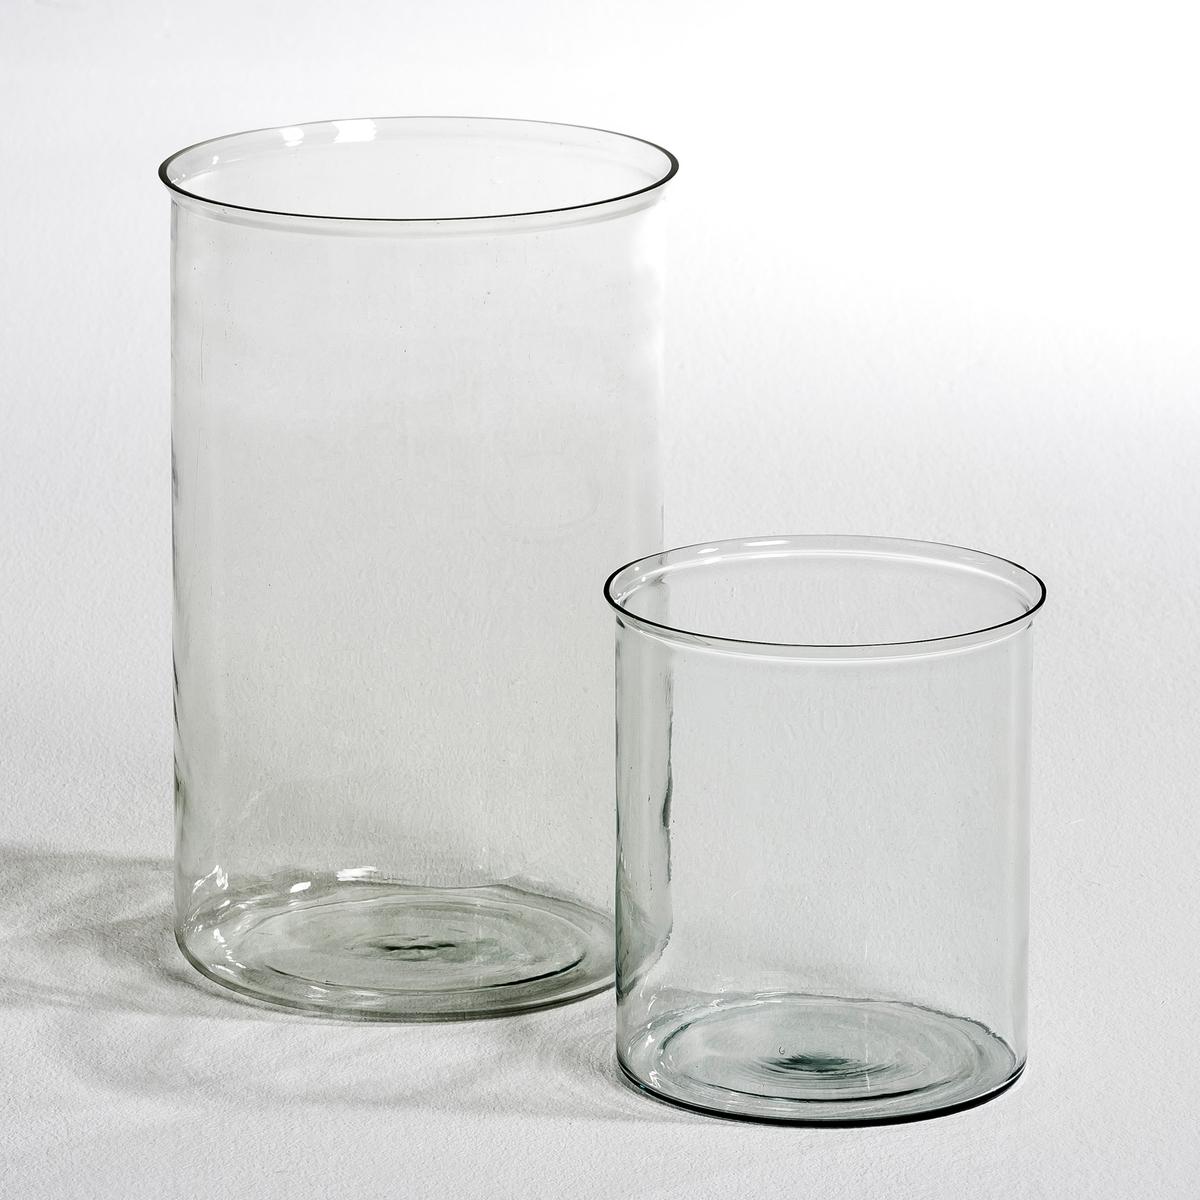 Ваза из стекла Doris, большая модельВаза Doris, очаровательная большая ваза из прозрачного стекла для цветов, листьев... Необходимый предмет декора ! Также прекрасное решение для подарка...Характеристики :Из прозрачного стекла .Размеры :диаметр 21 x высота 34 см.<br><br>Цвет: прозрачный<br>Размер: единый размер